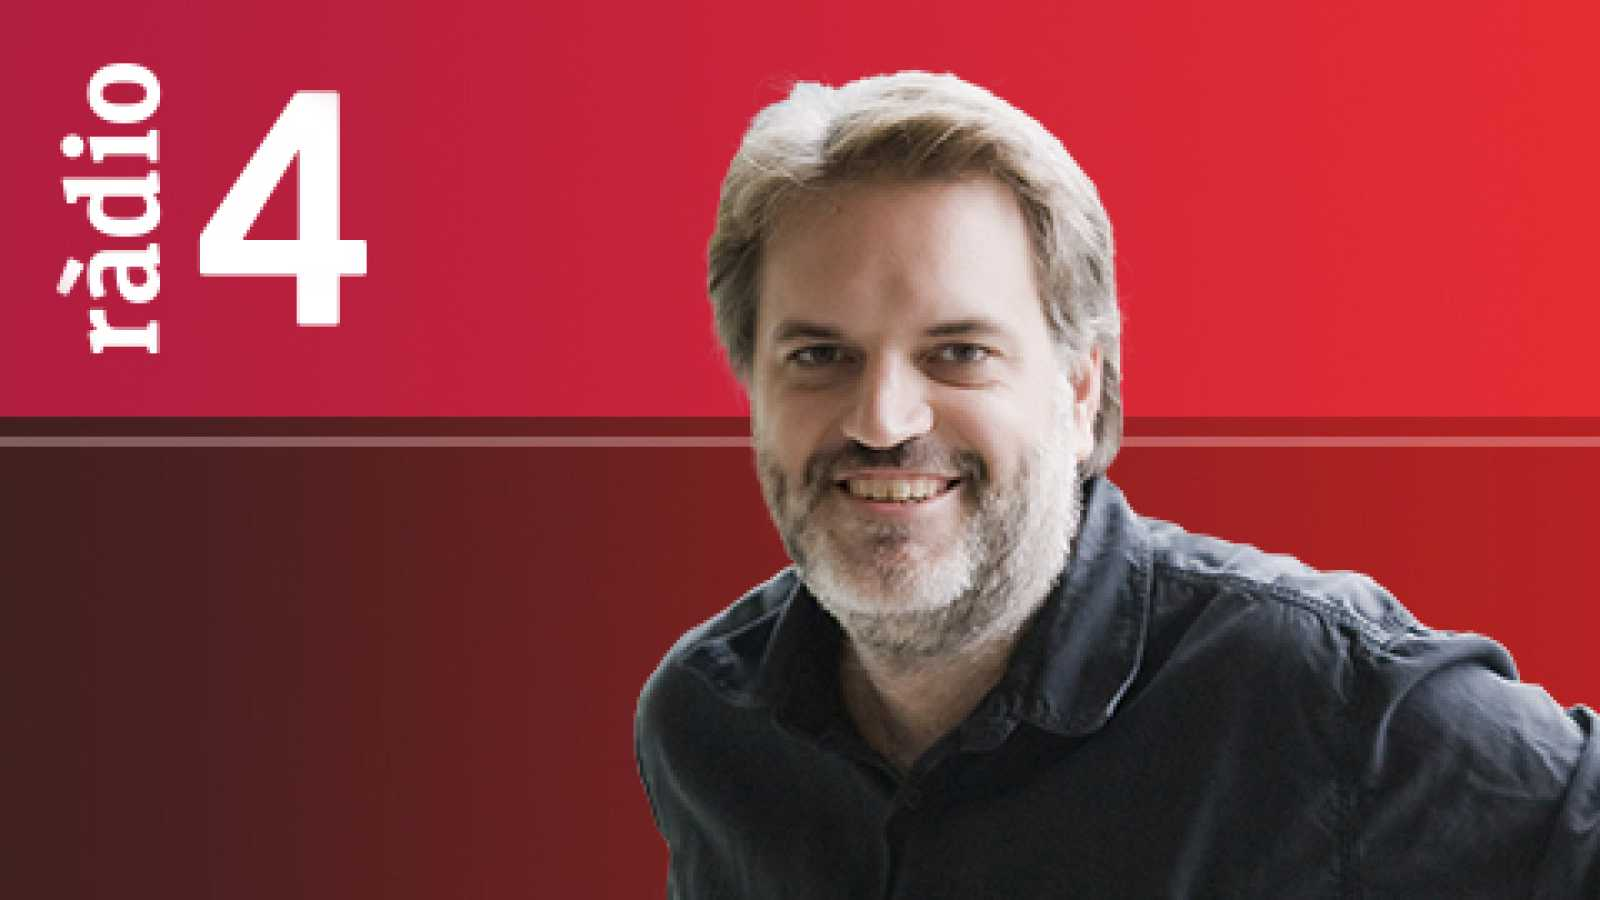 El matí a Ràdio 4 - Tertúlia d'actualitat - Entrevista Fundació Pasqual Maragall